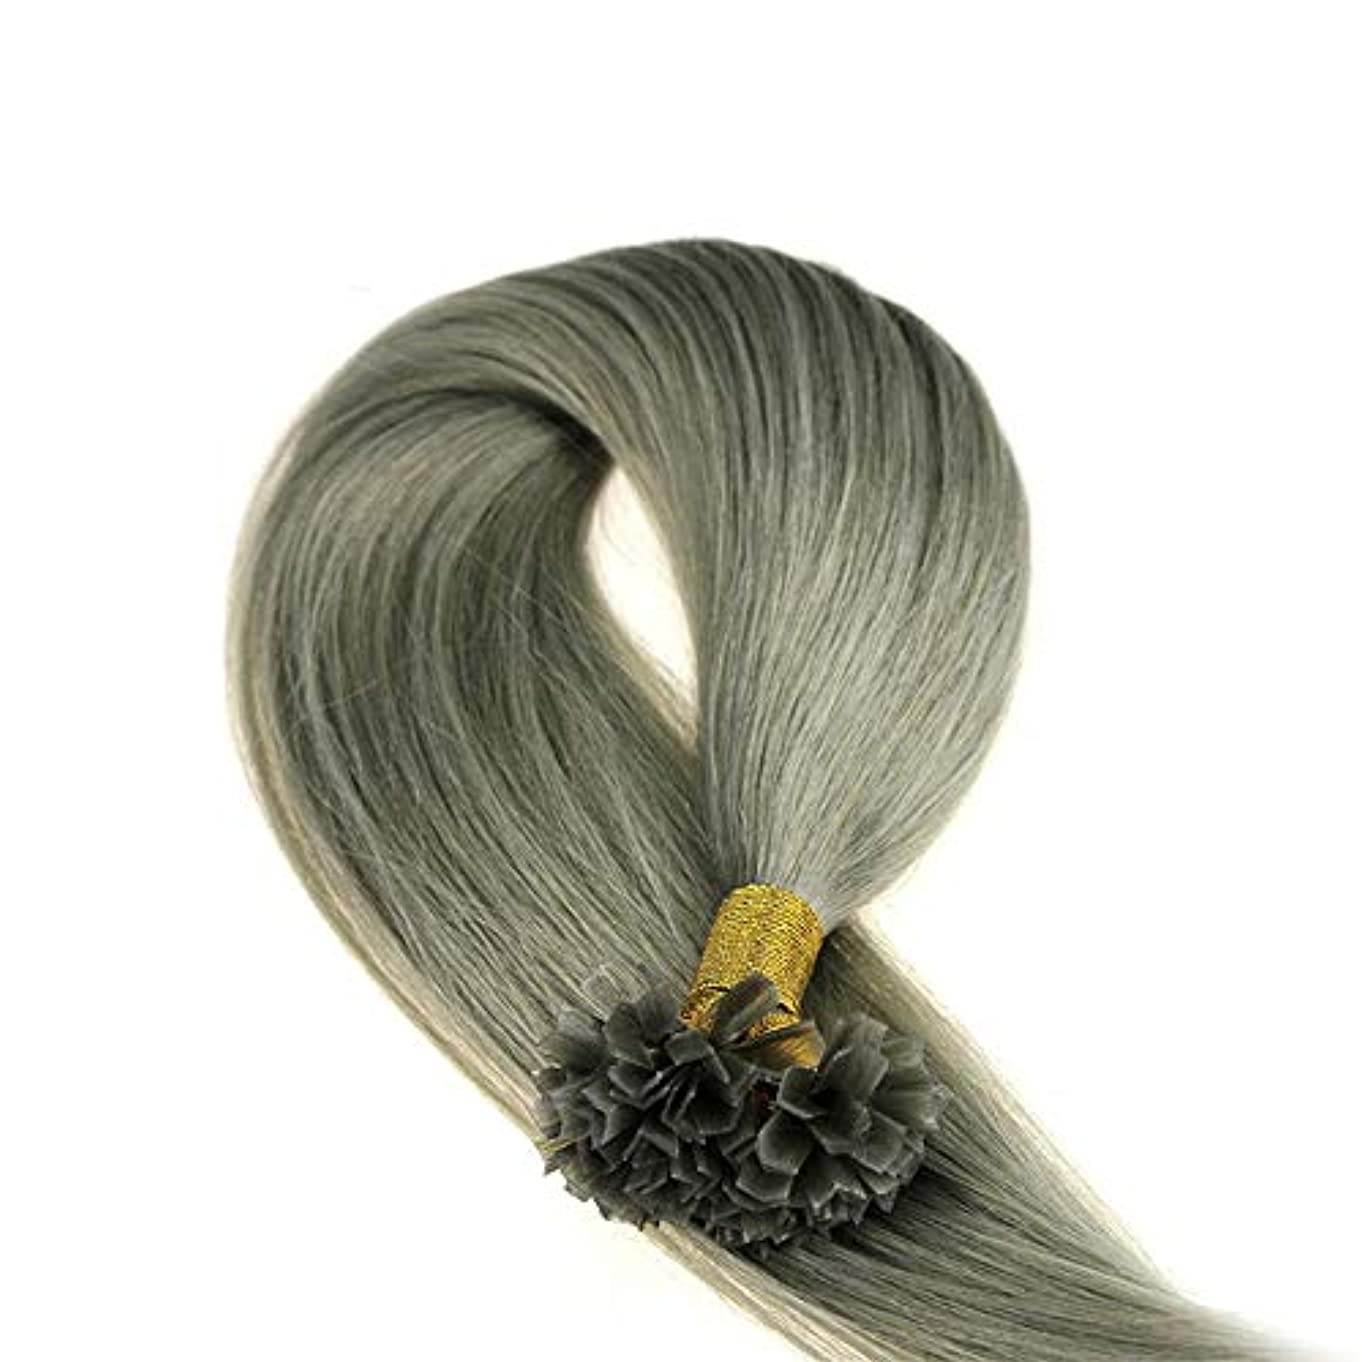 モロニックスリチンモイ合図WASAIO ヘアエクステンションクリップUnseamed髪型交換ミックスグレー色のデュアル人間の髪を引かれます (色 : グレー, サイズ : 28 inch)